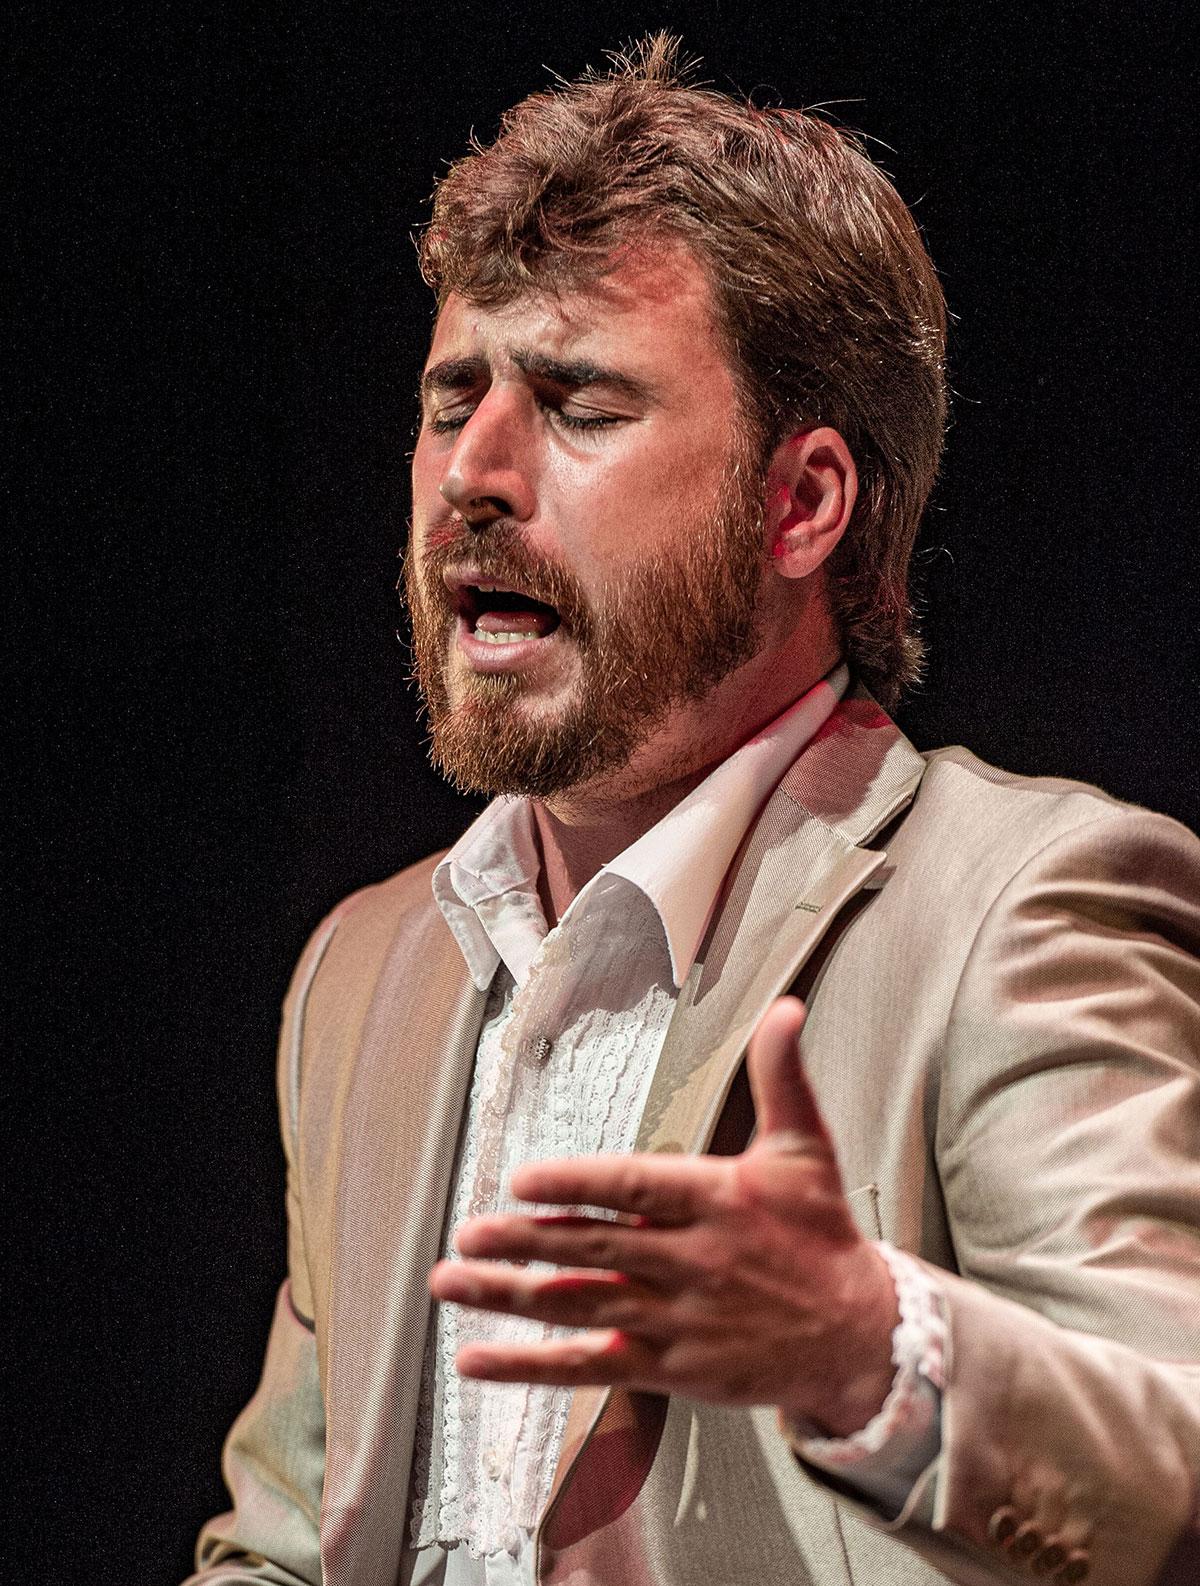 Gregorio Moya - Cantaor de Ciudad Real